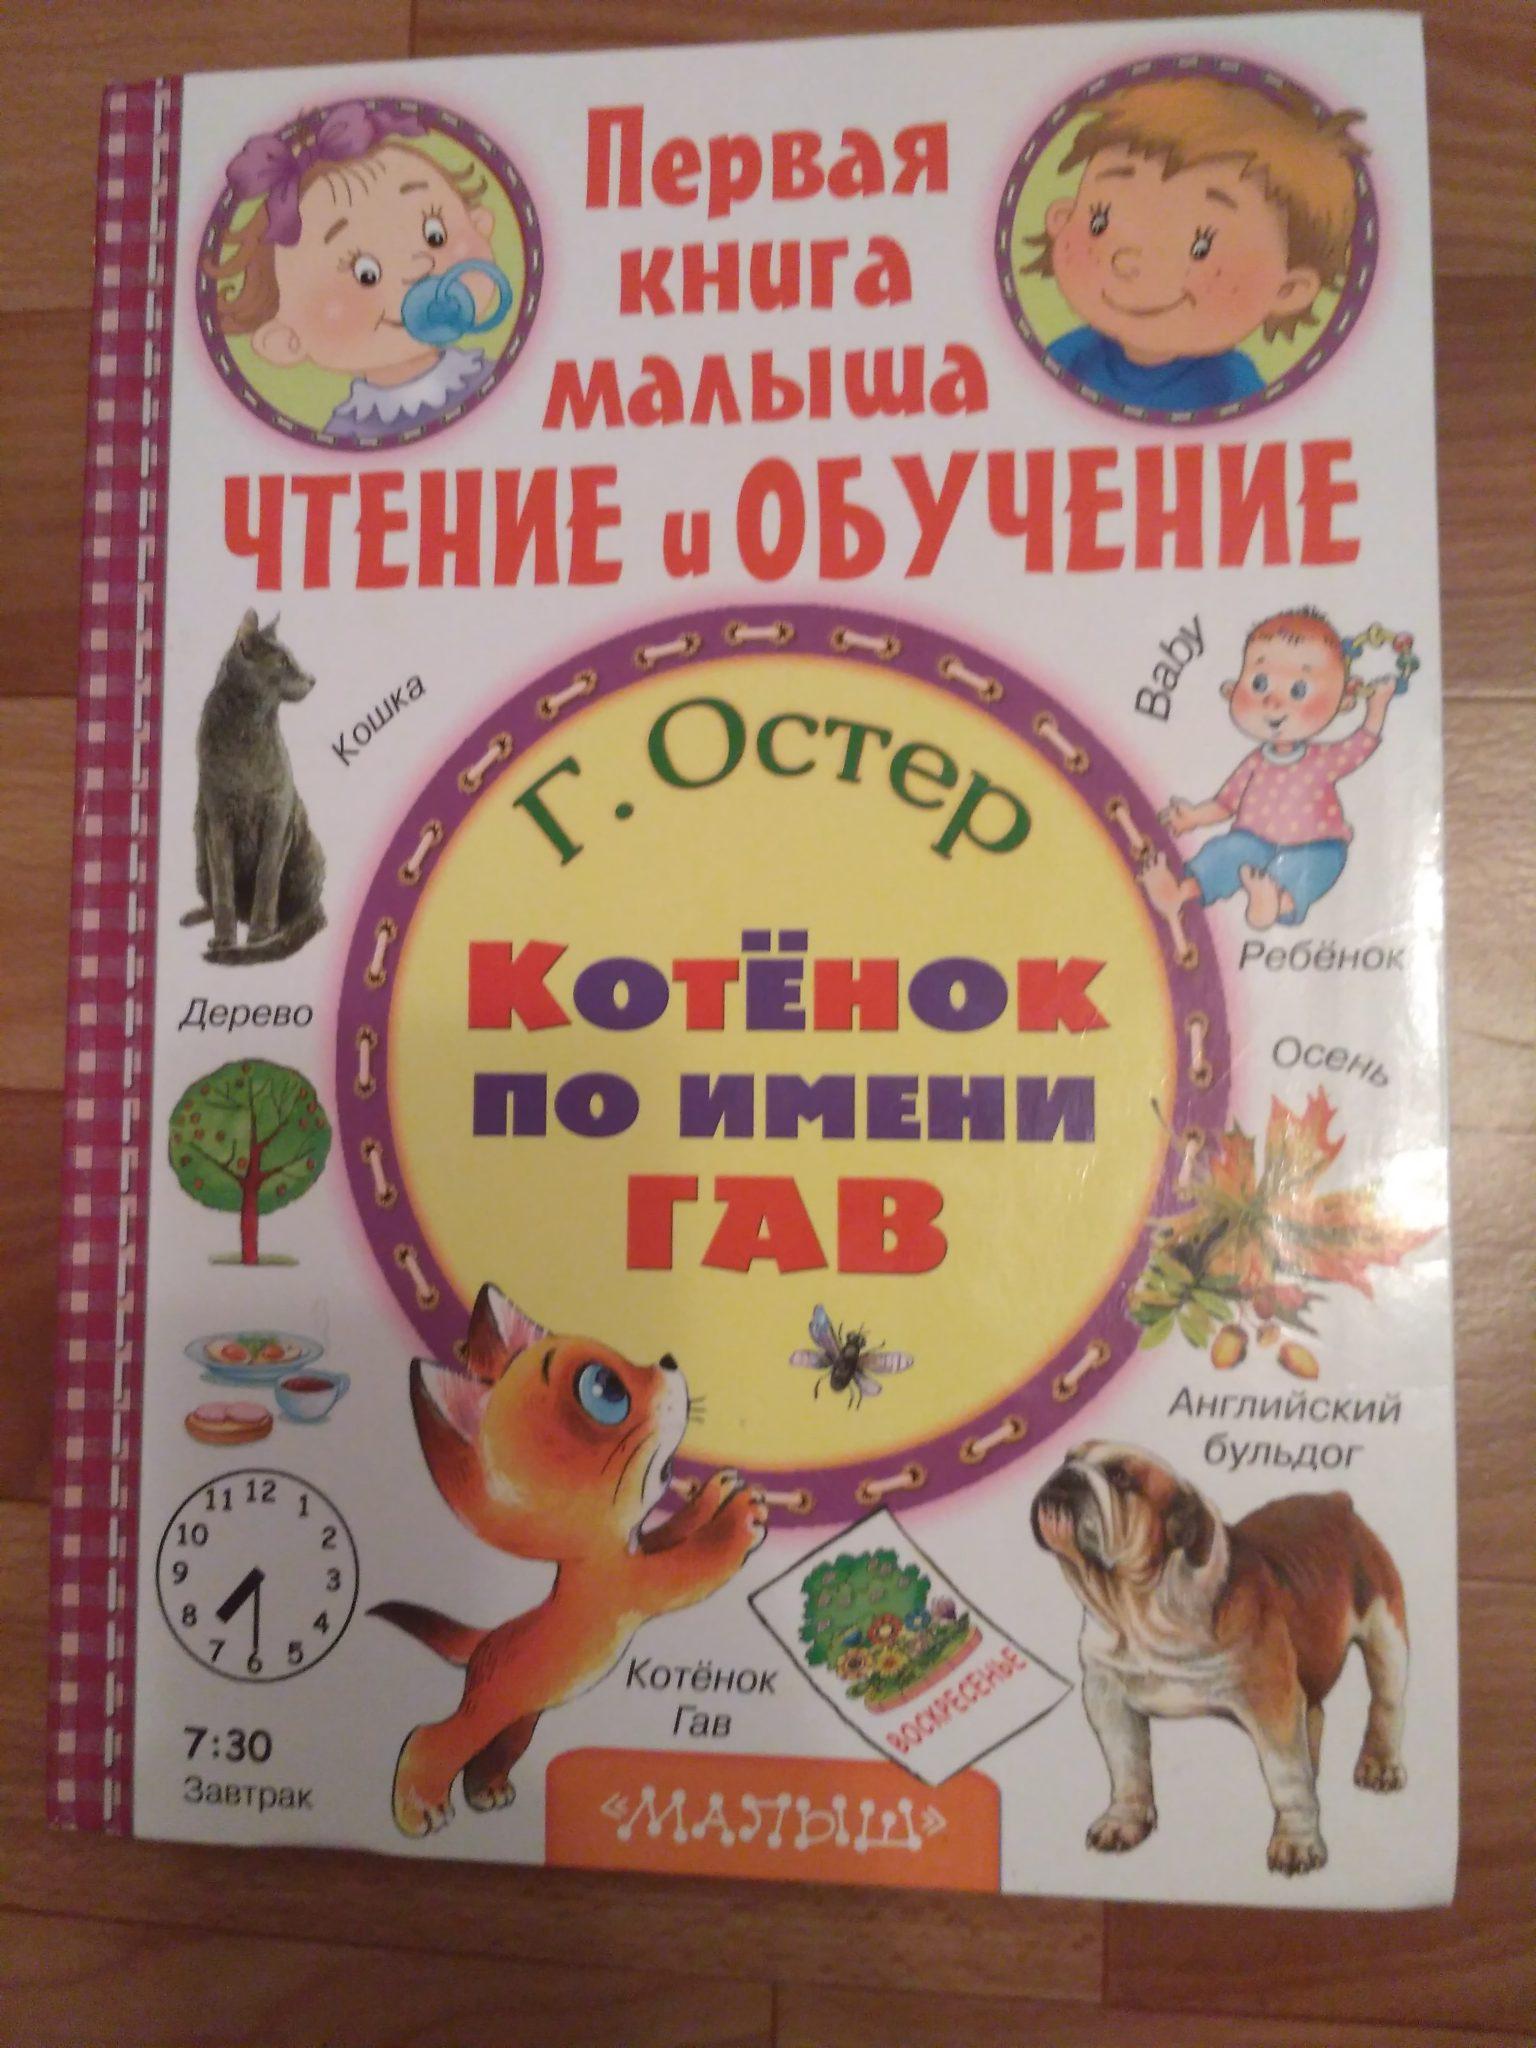 «Первая книга малыша. Котенок по имени Гав»